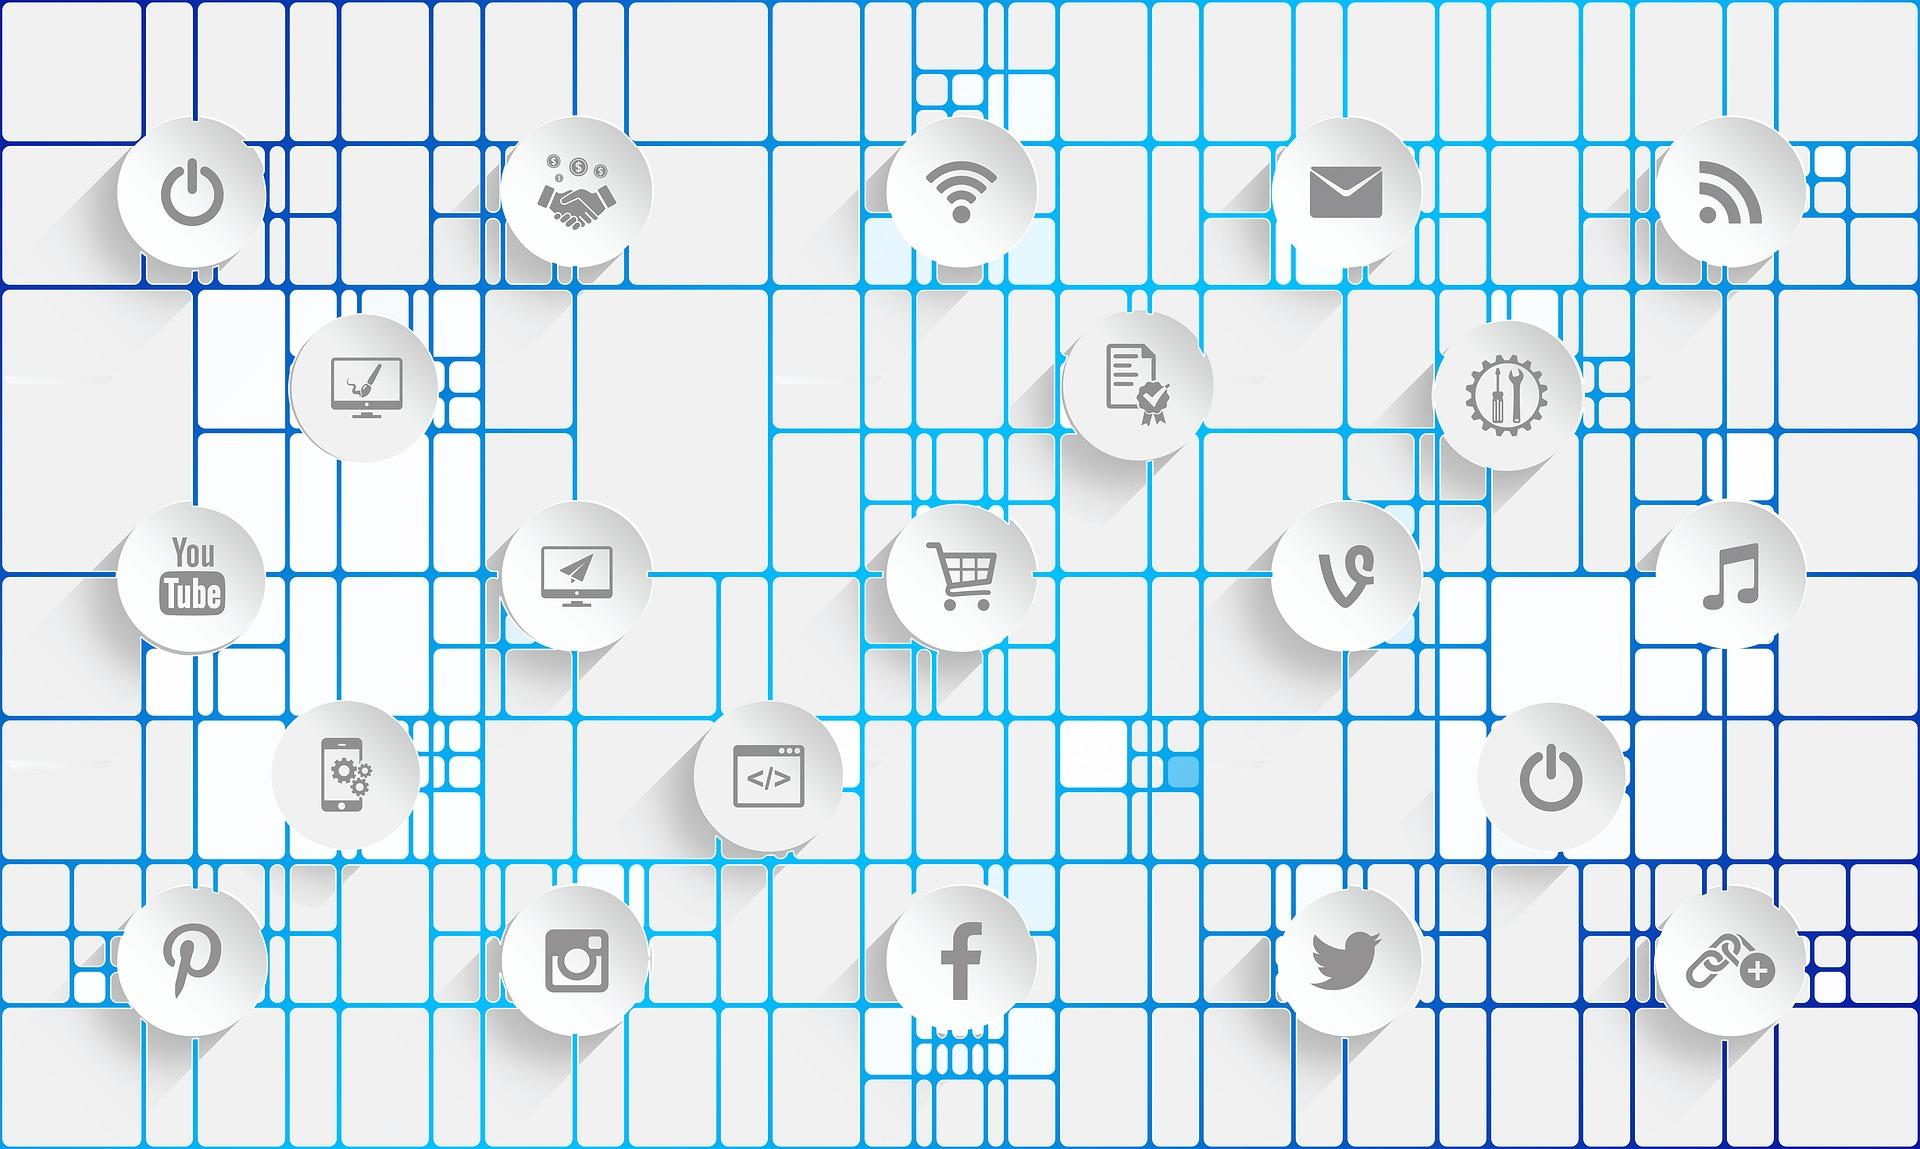 Importanza della personalizzazione delle pagine di destinazione del sito Web per il traffico Pinterest